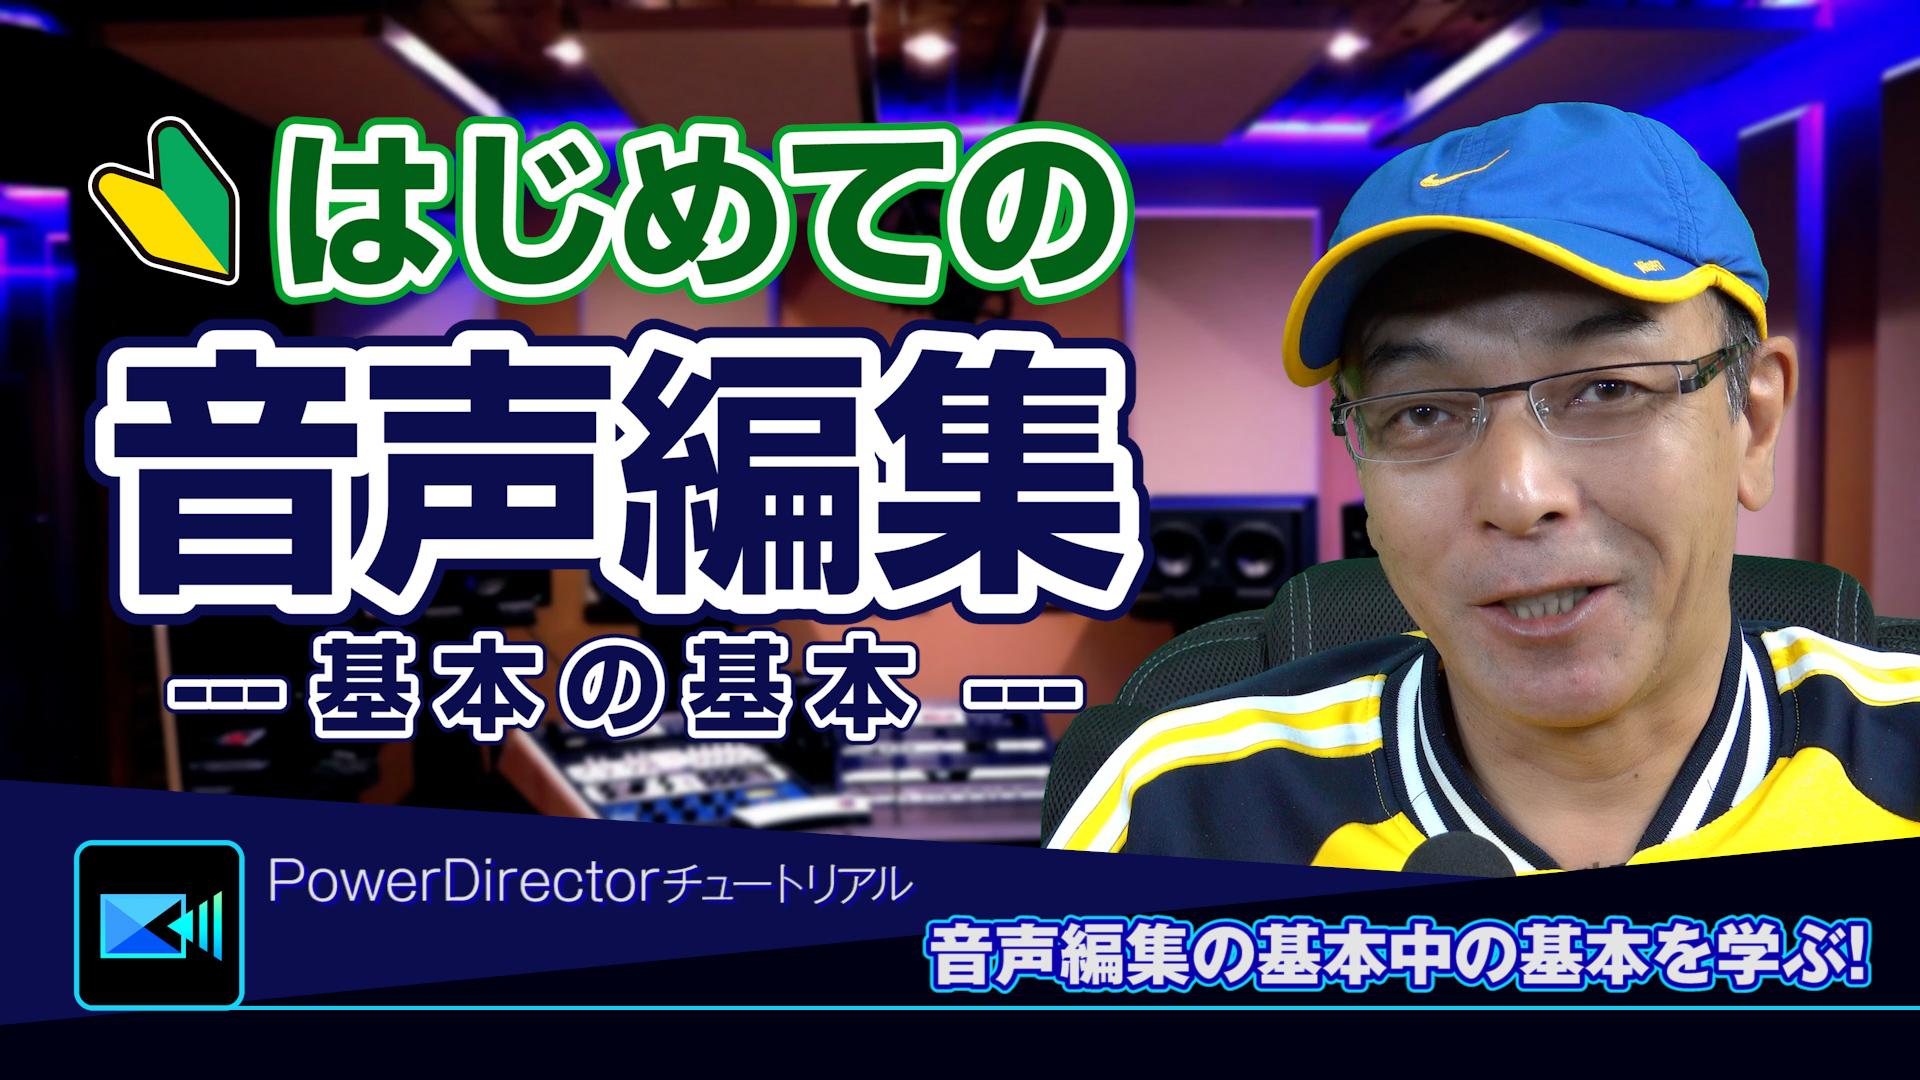 初心者向け:PowerDirectorを使った初めての音声編集 - Power director(パワーディレクター)の使い方講座